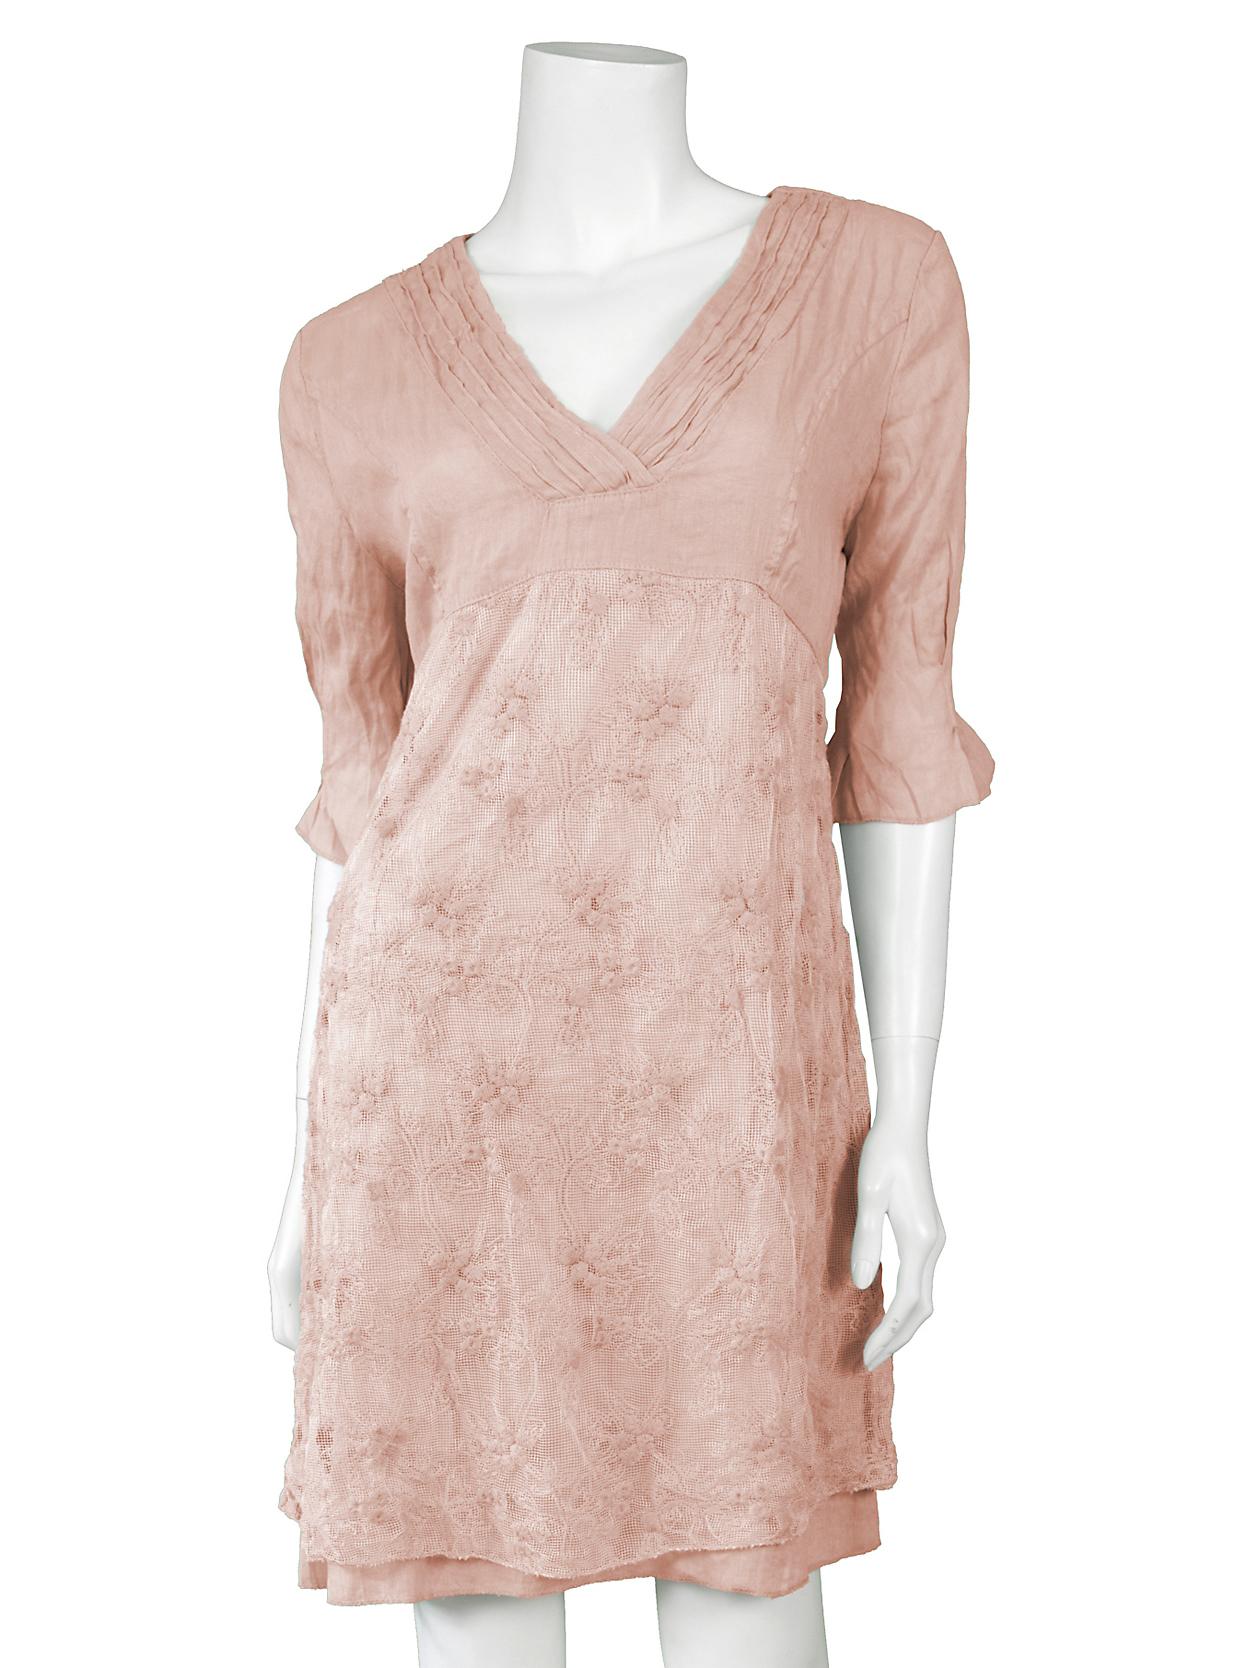 sale retailer bc539 1f4f8 Leinen Tunika mit Spitze, rosa